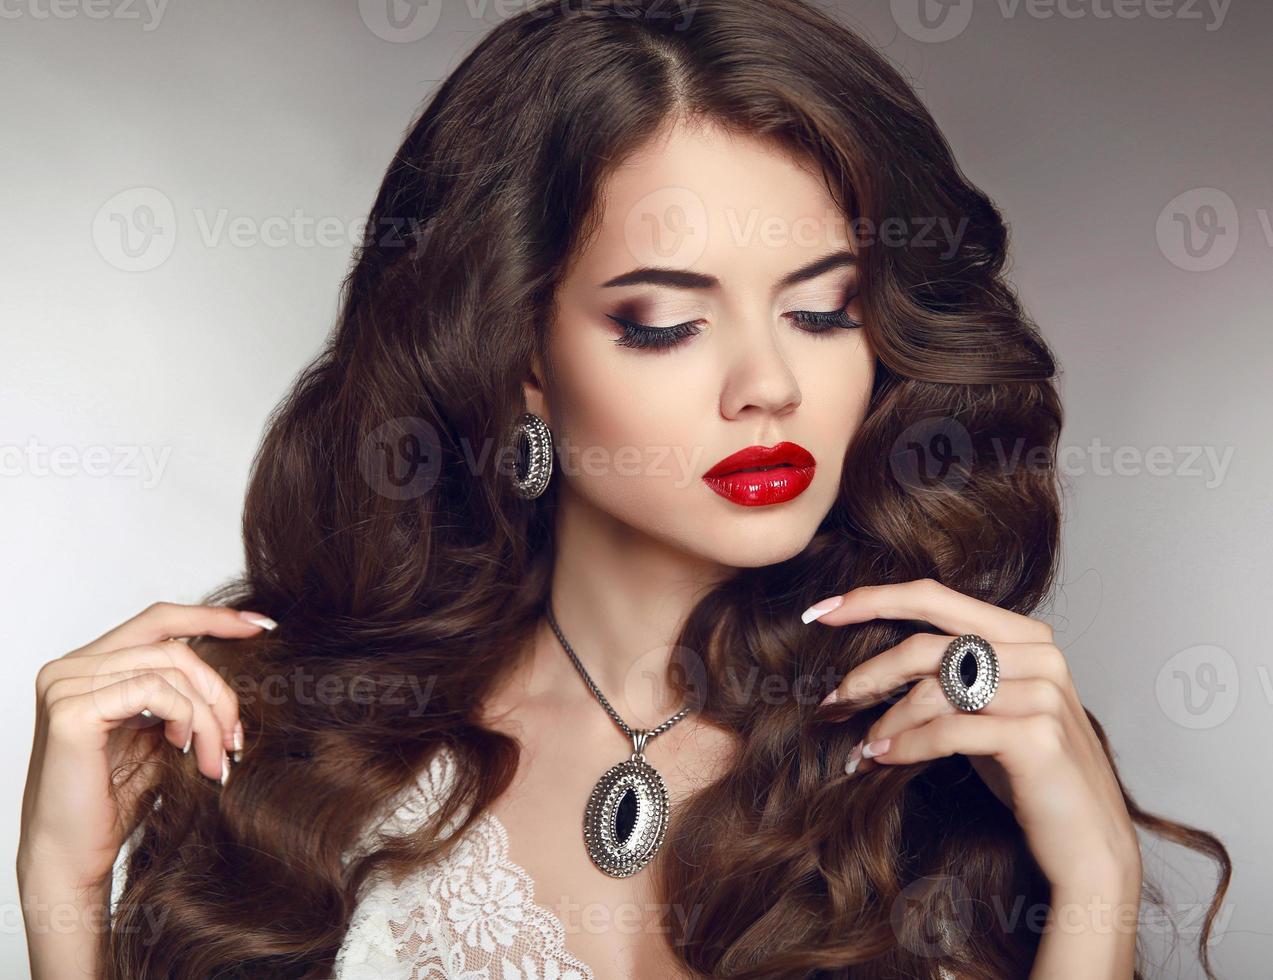 gezond lang haar. bedenken. sieraden en sieraden. mooi foto